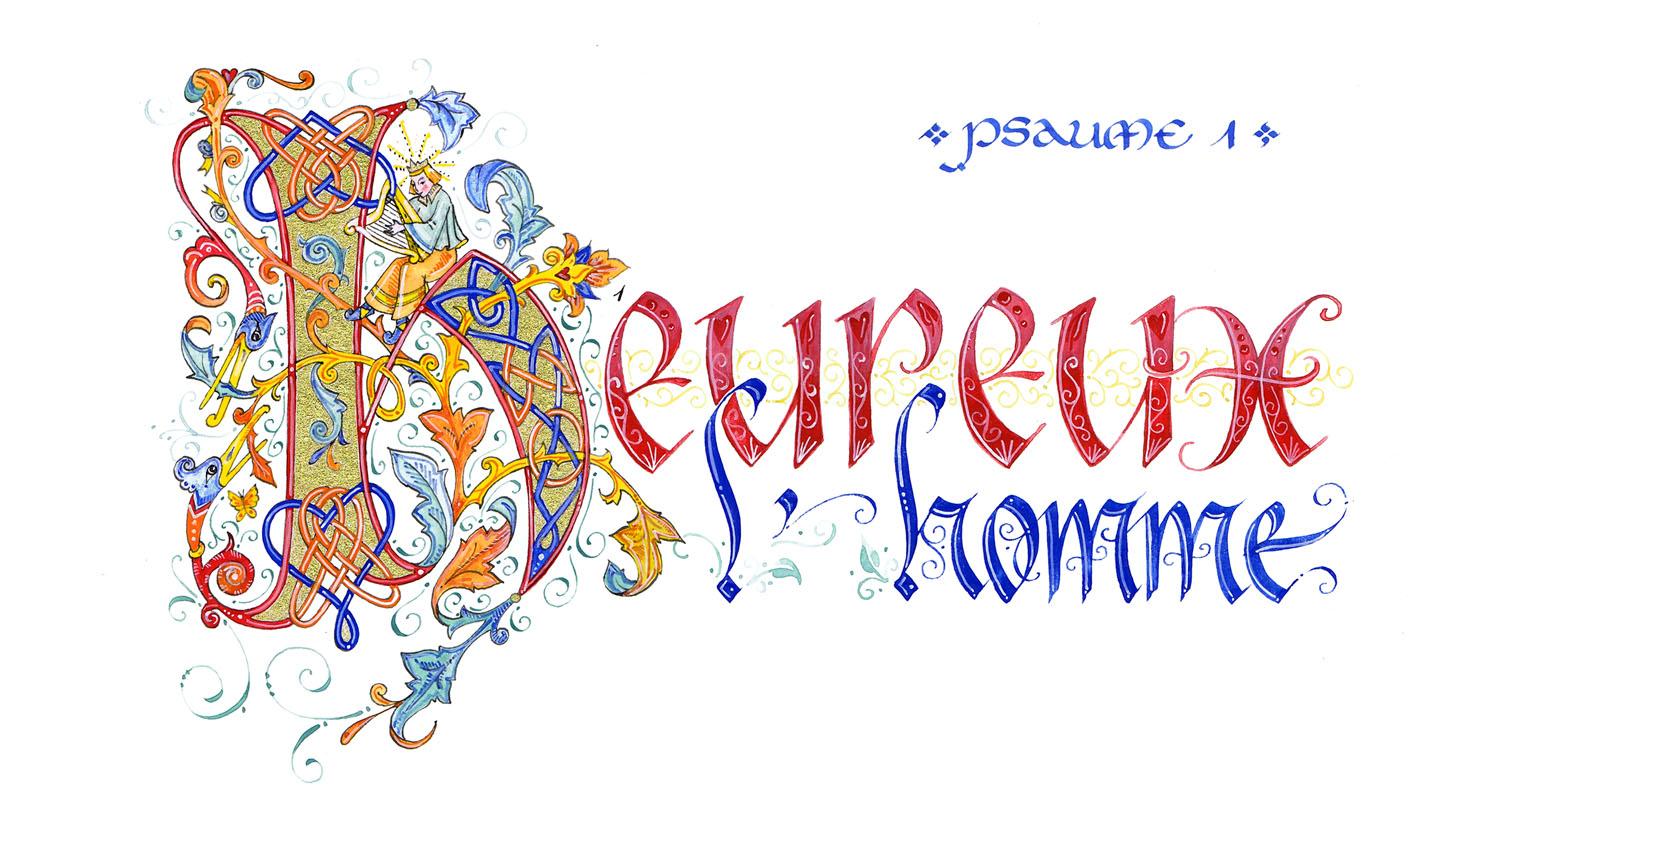 Texte calligraphié et enluminé